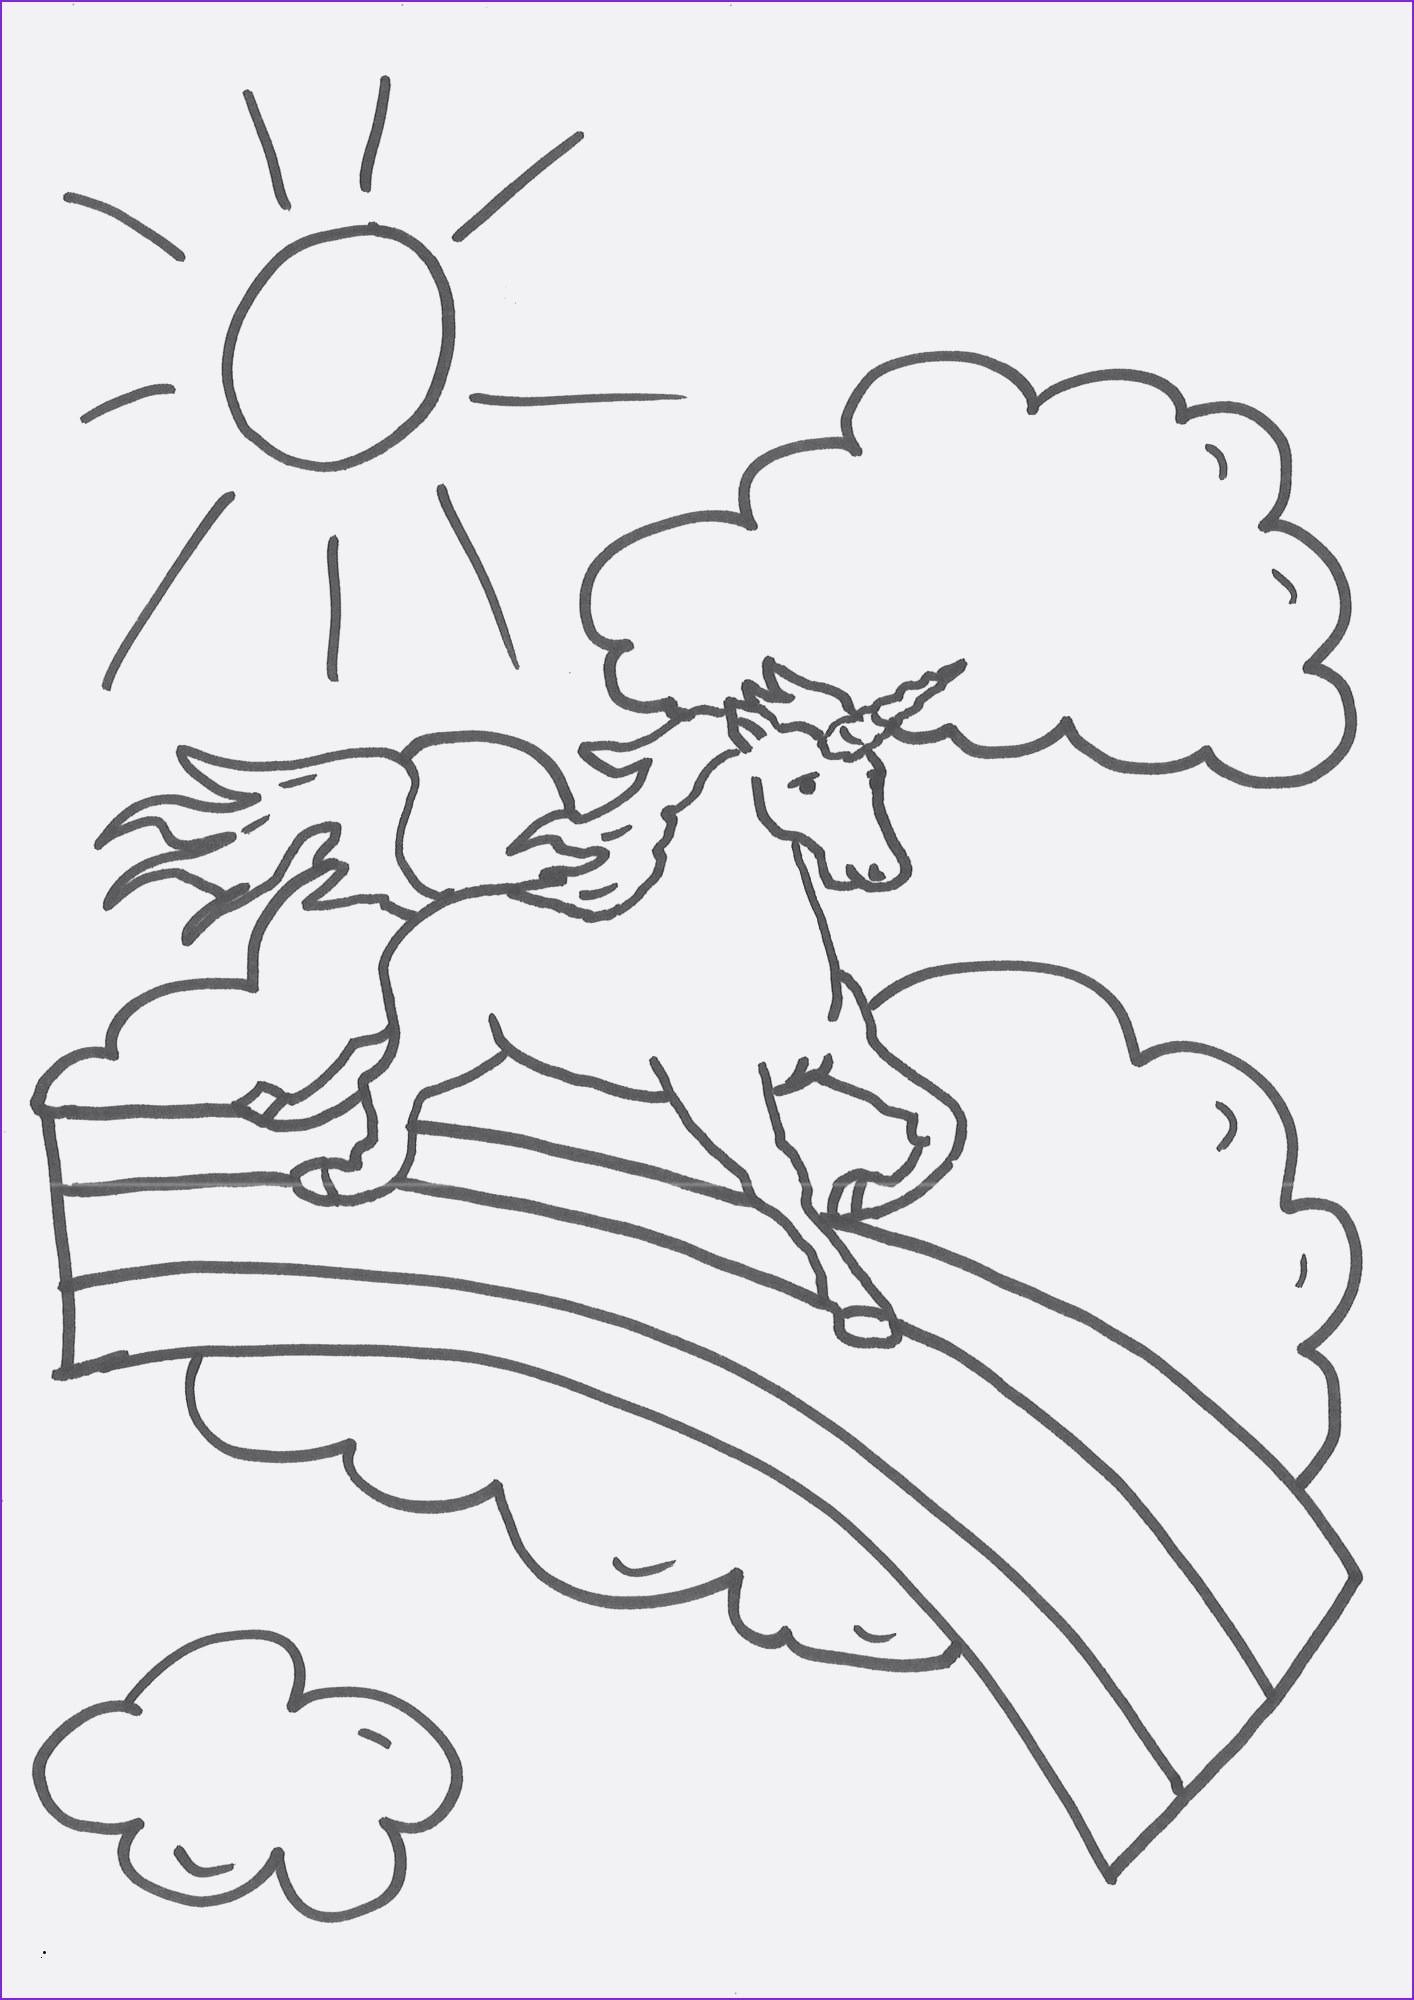 Ausmalbilder Disney Kostenlos Inspirierend Kleeblatt Zum Ausmalen Baum Malvorlage Bild Ausmalbilder Sammlung